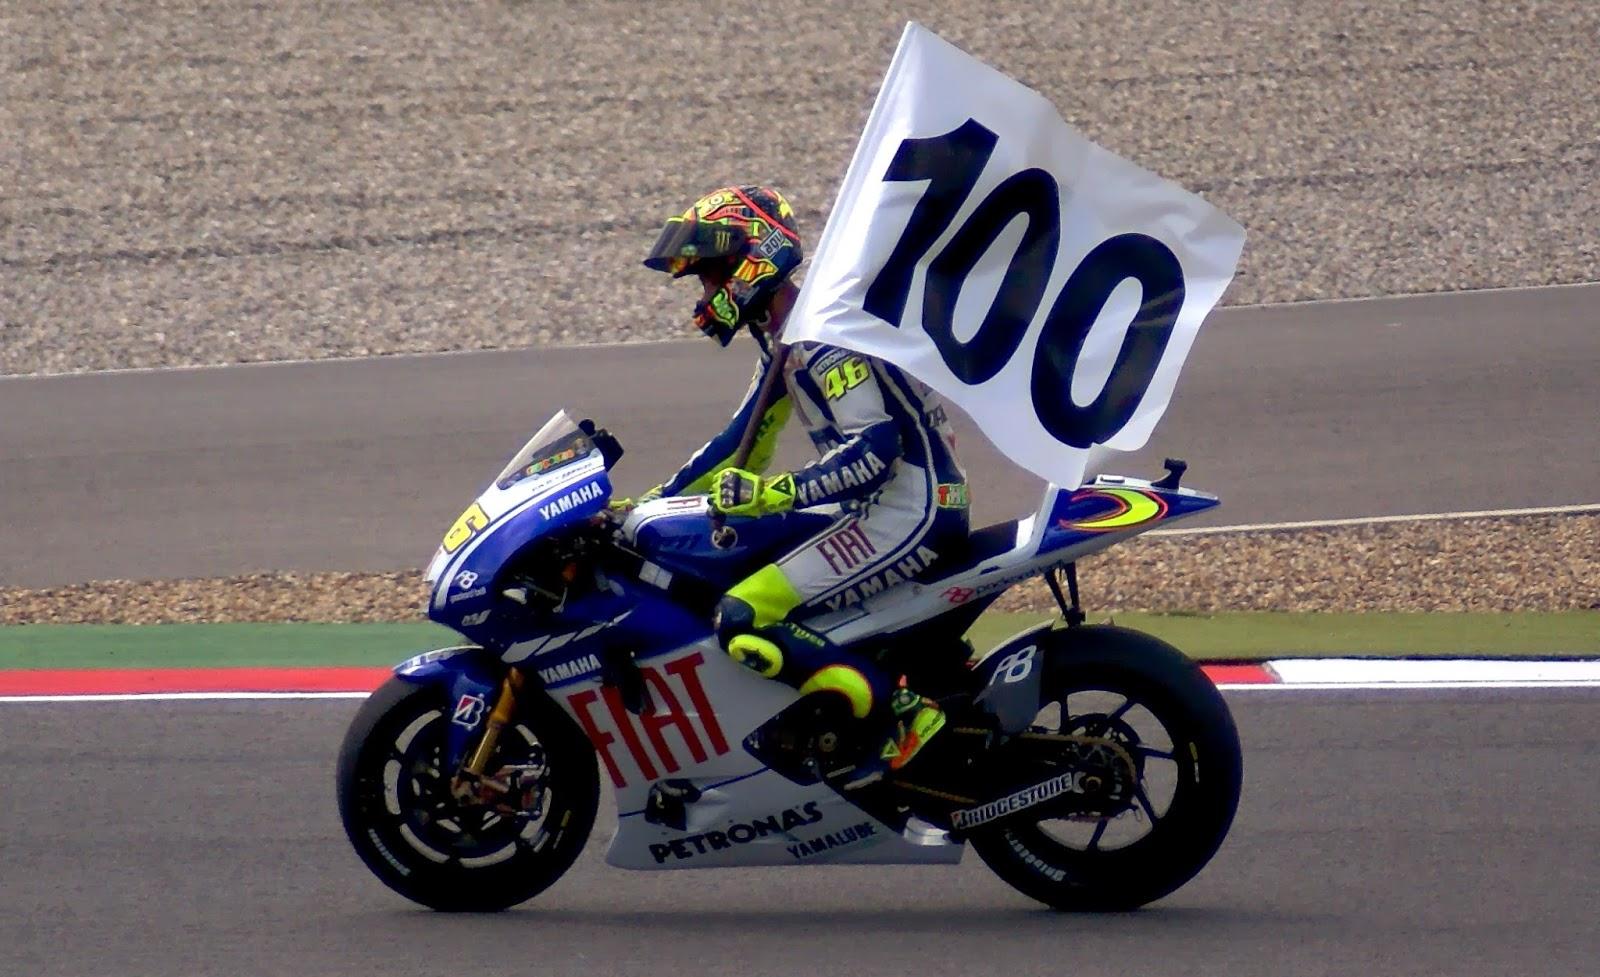 Valentino Rossi auf der Jagd nach seinem 10. Titel 9. Teil